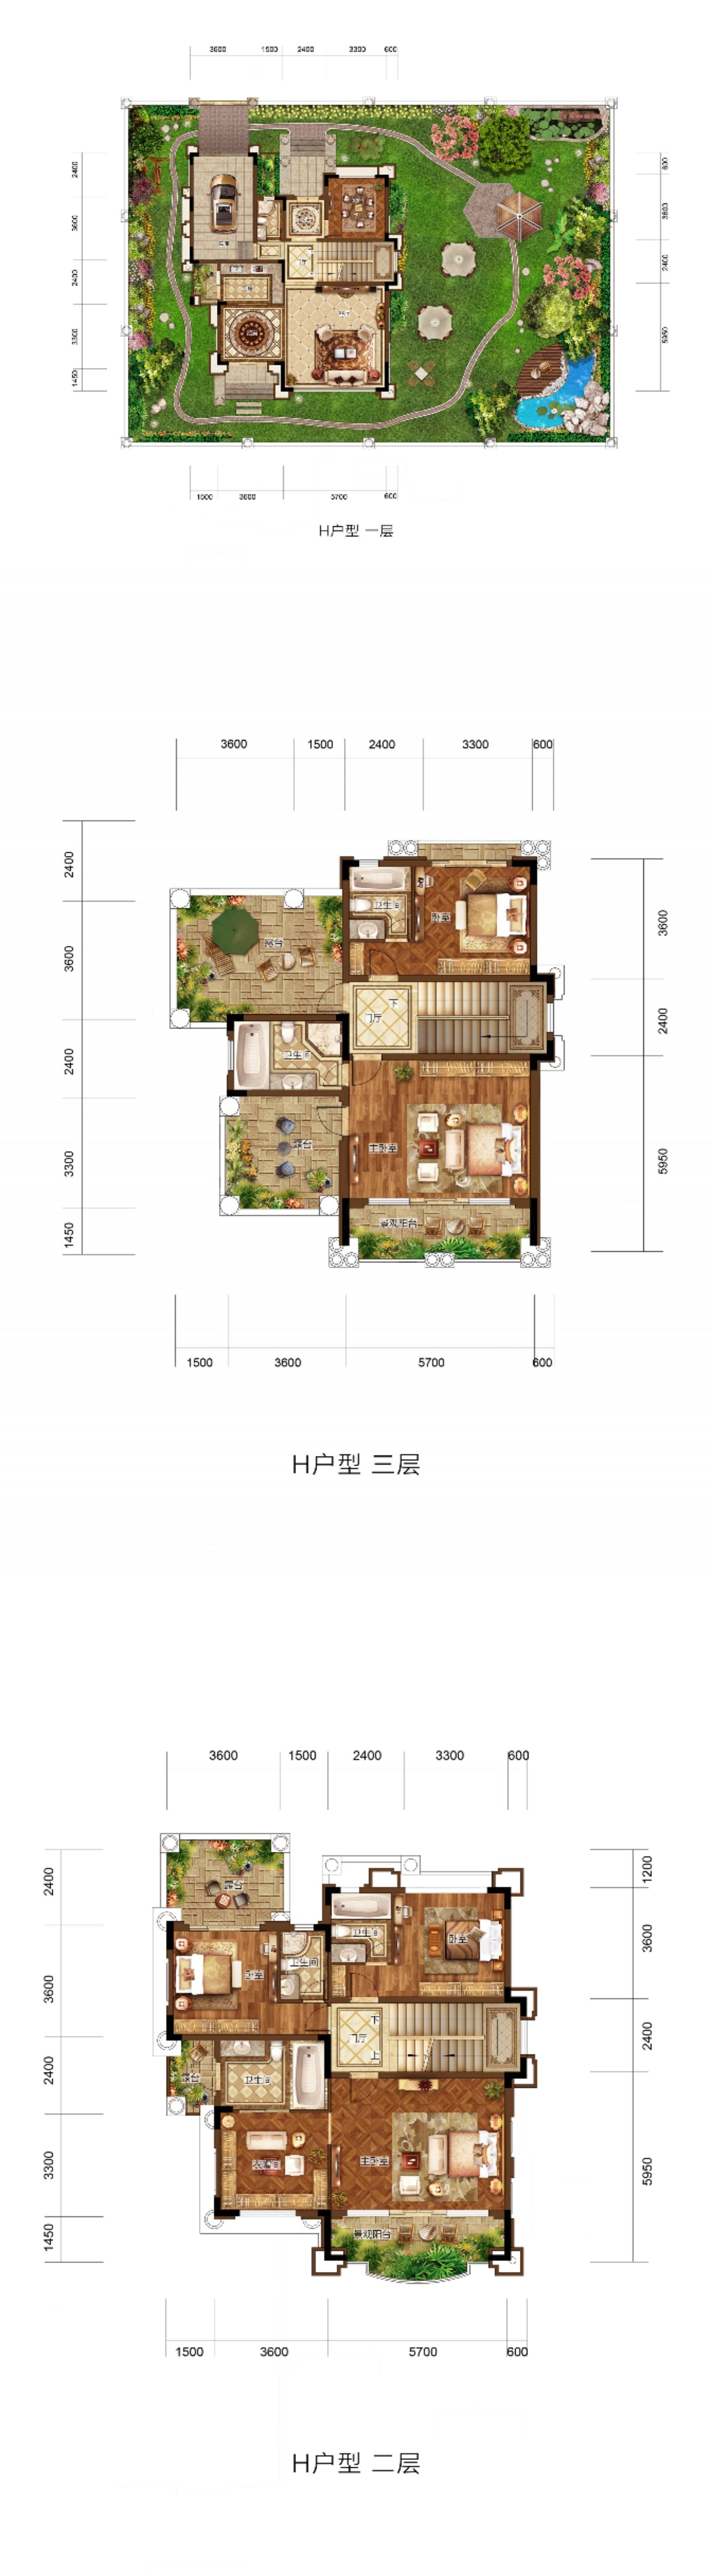 广州增城【百花山庄御湖山】